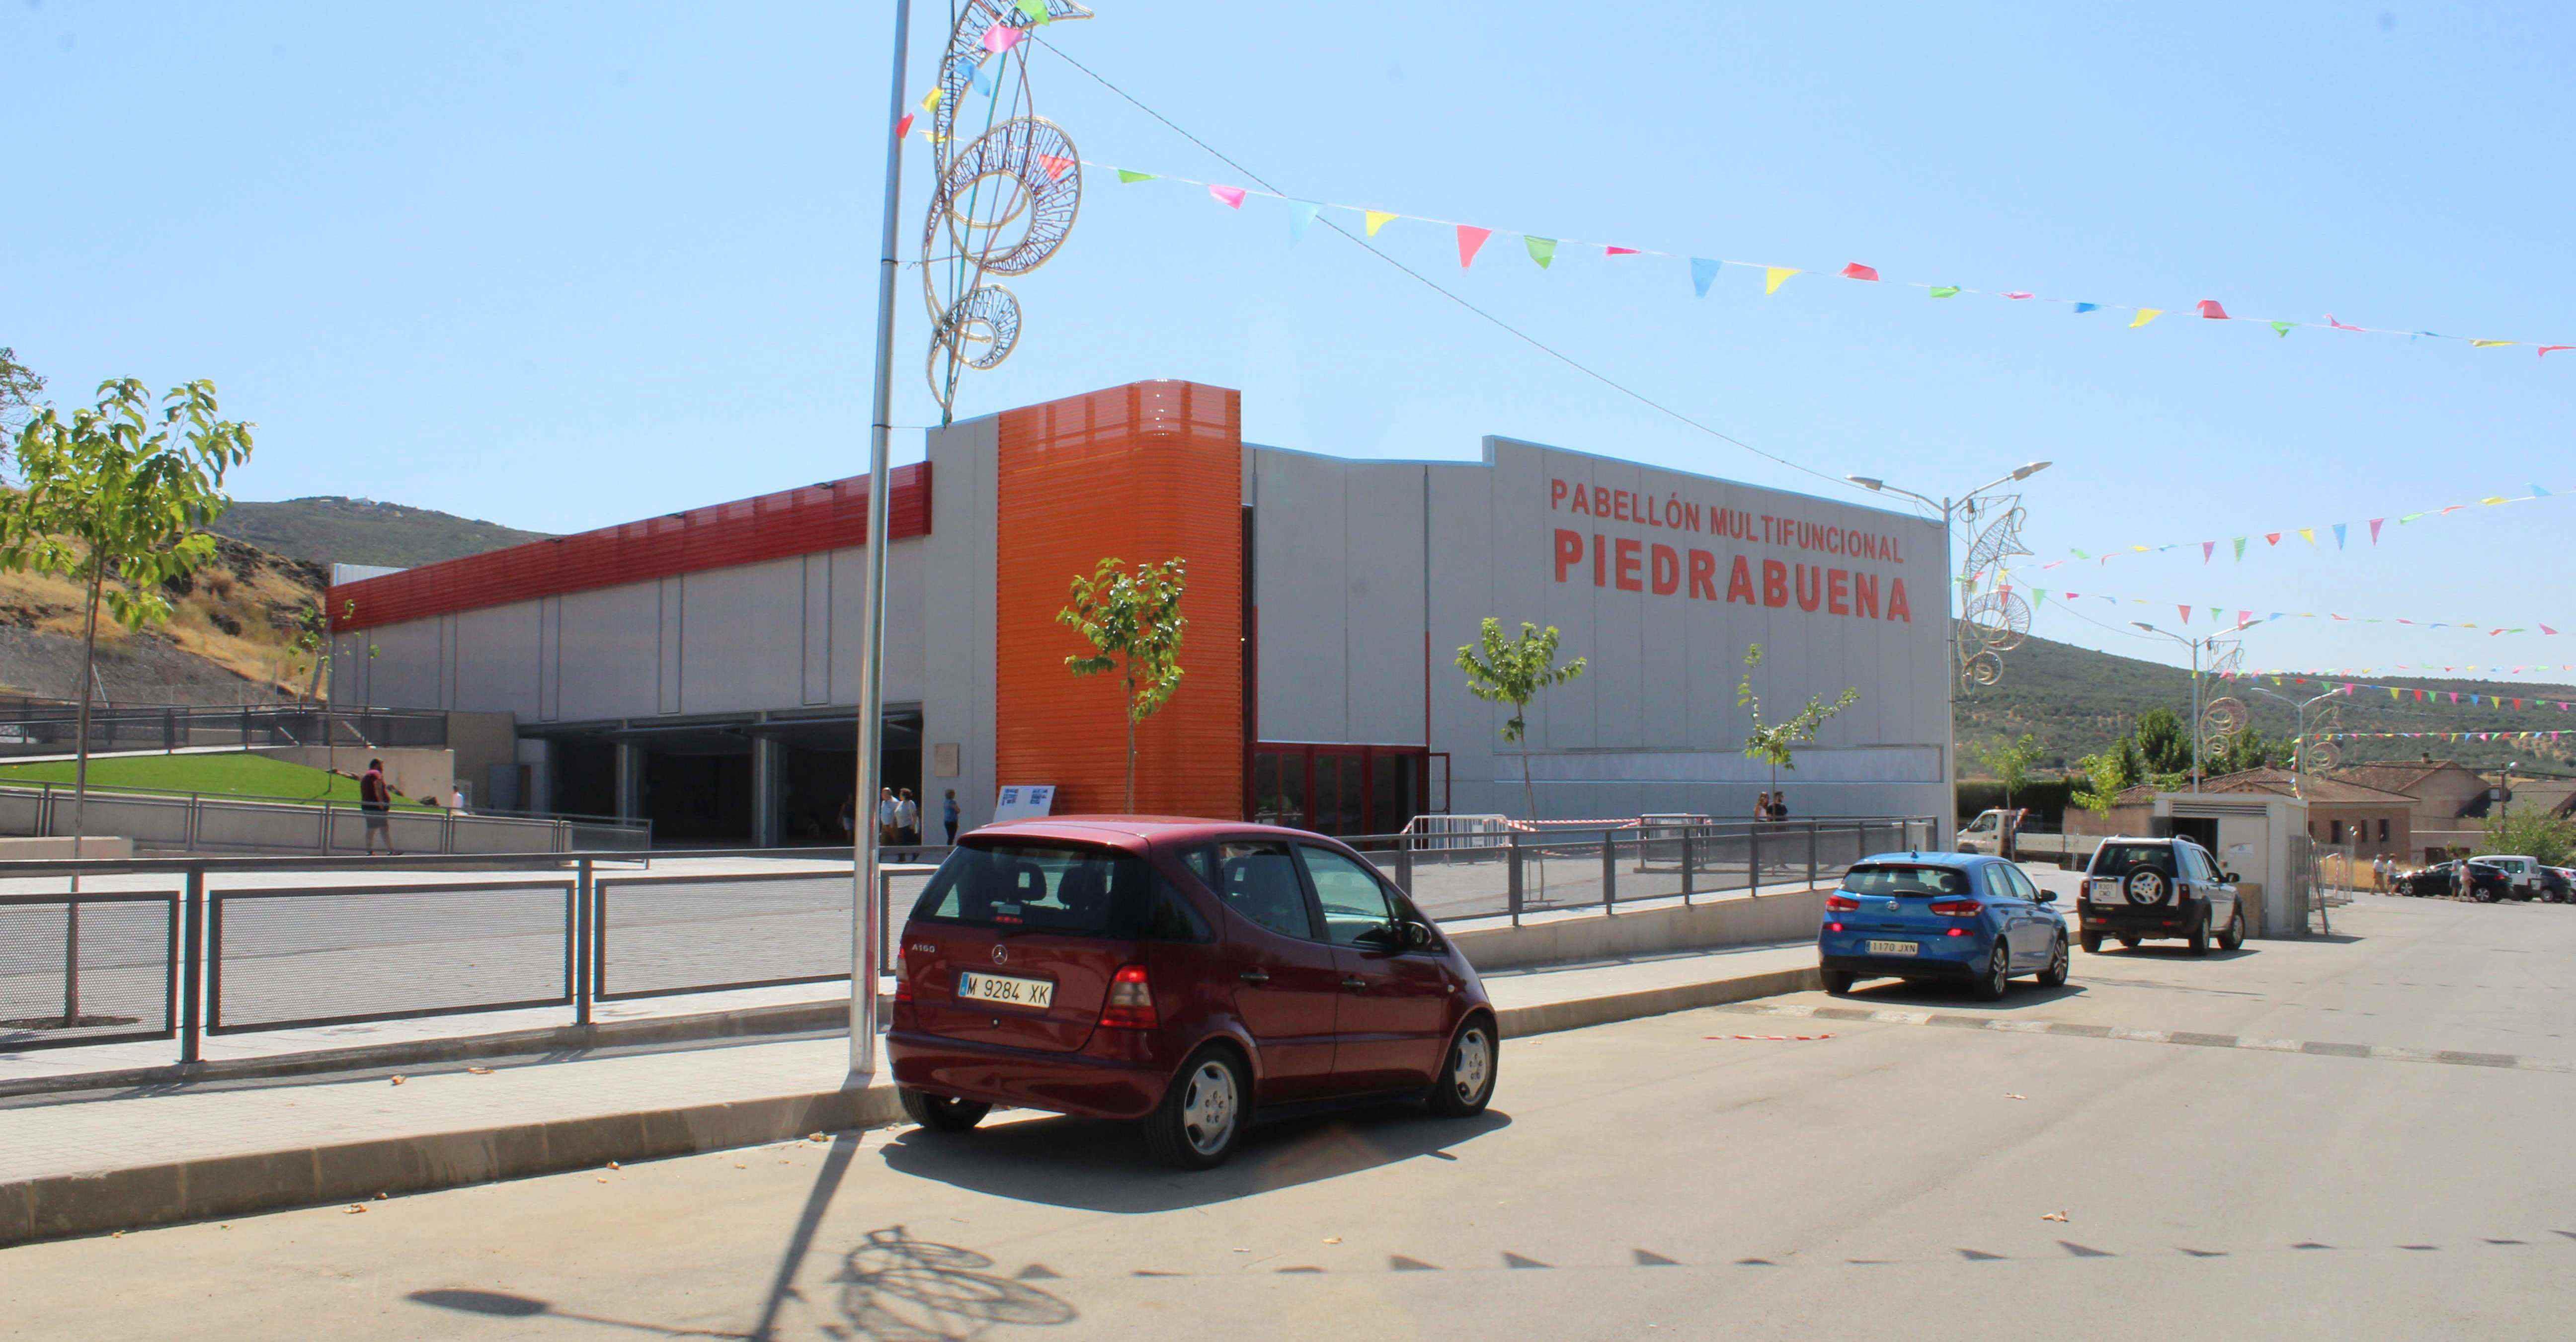 El Ayuntamiento de Piedrabuena confirma que el nuevo Edifico Multifuncional cumple con todos los requisitos de seguridad para su uso